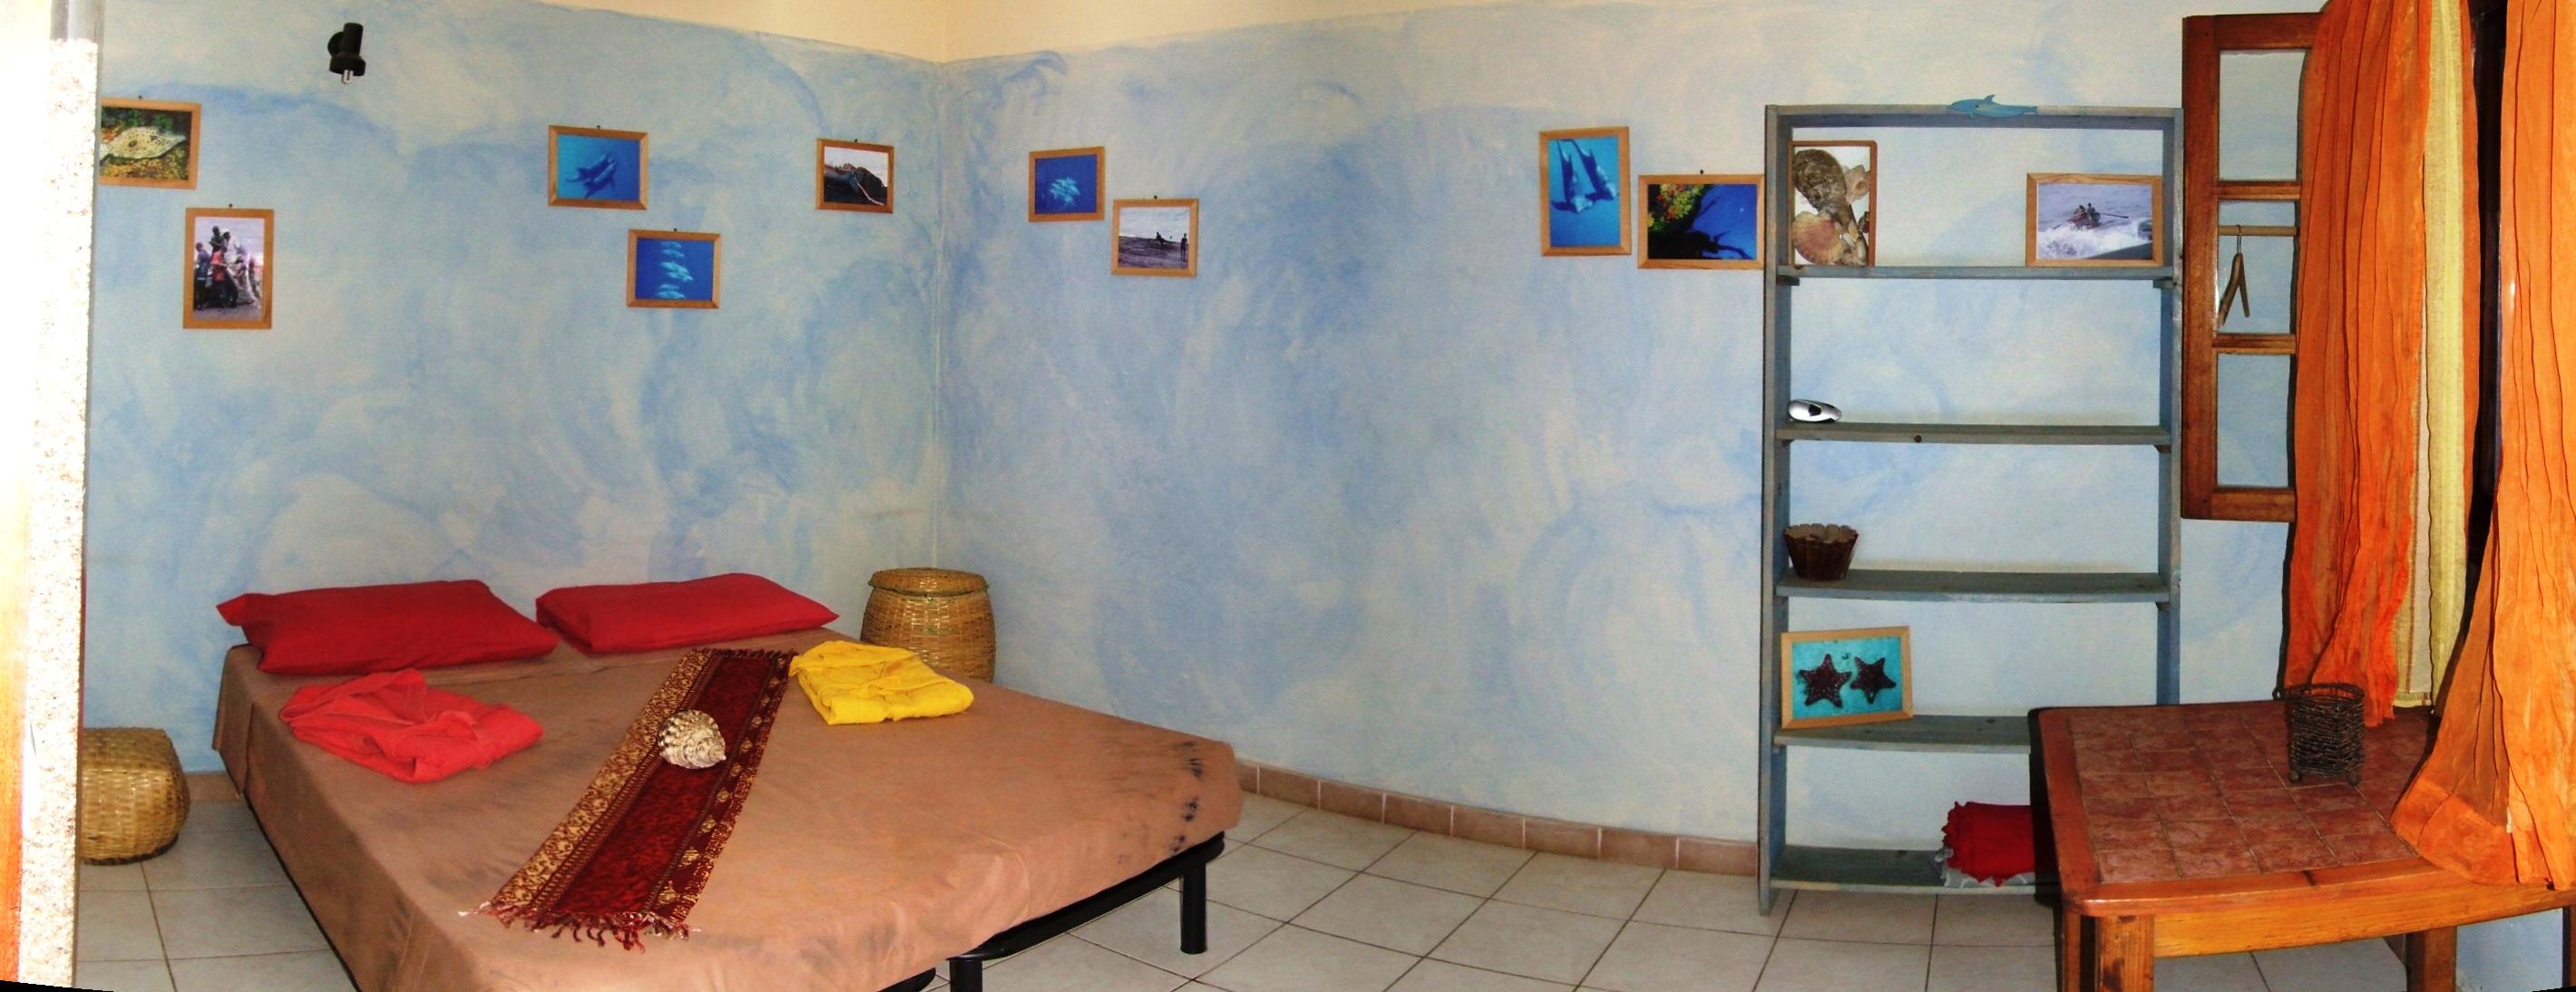 camera delfino1